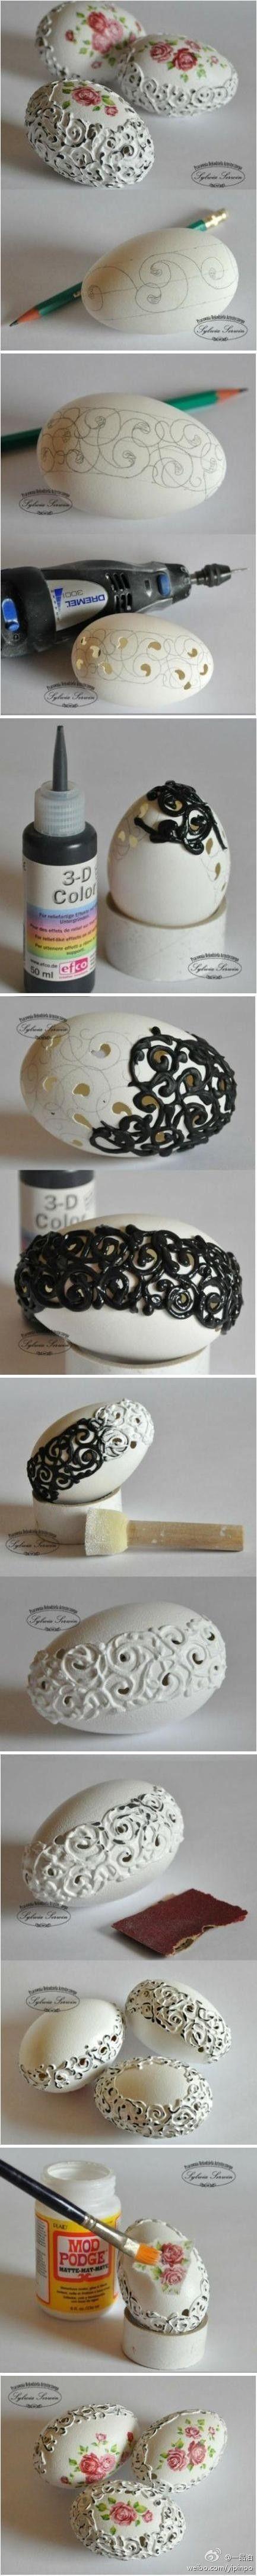 #手工创意# 原来鸡蛋壳也可以DIY成美丽的艺术品,这手作太强大了,喜欢手工的可以diy哦!